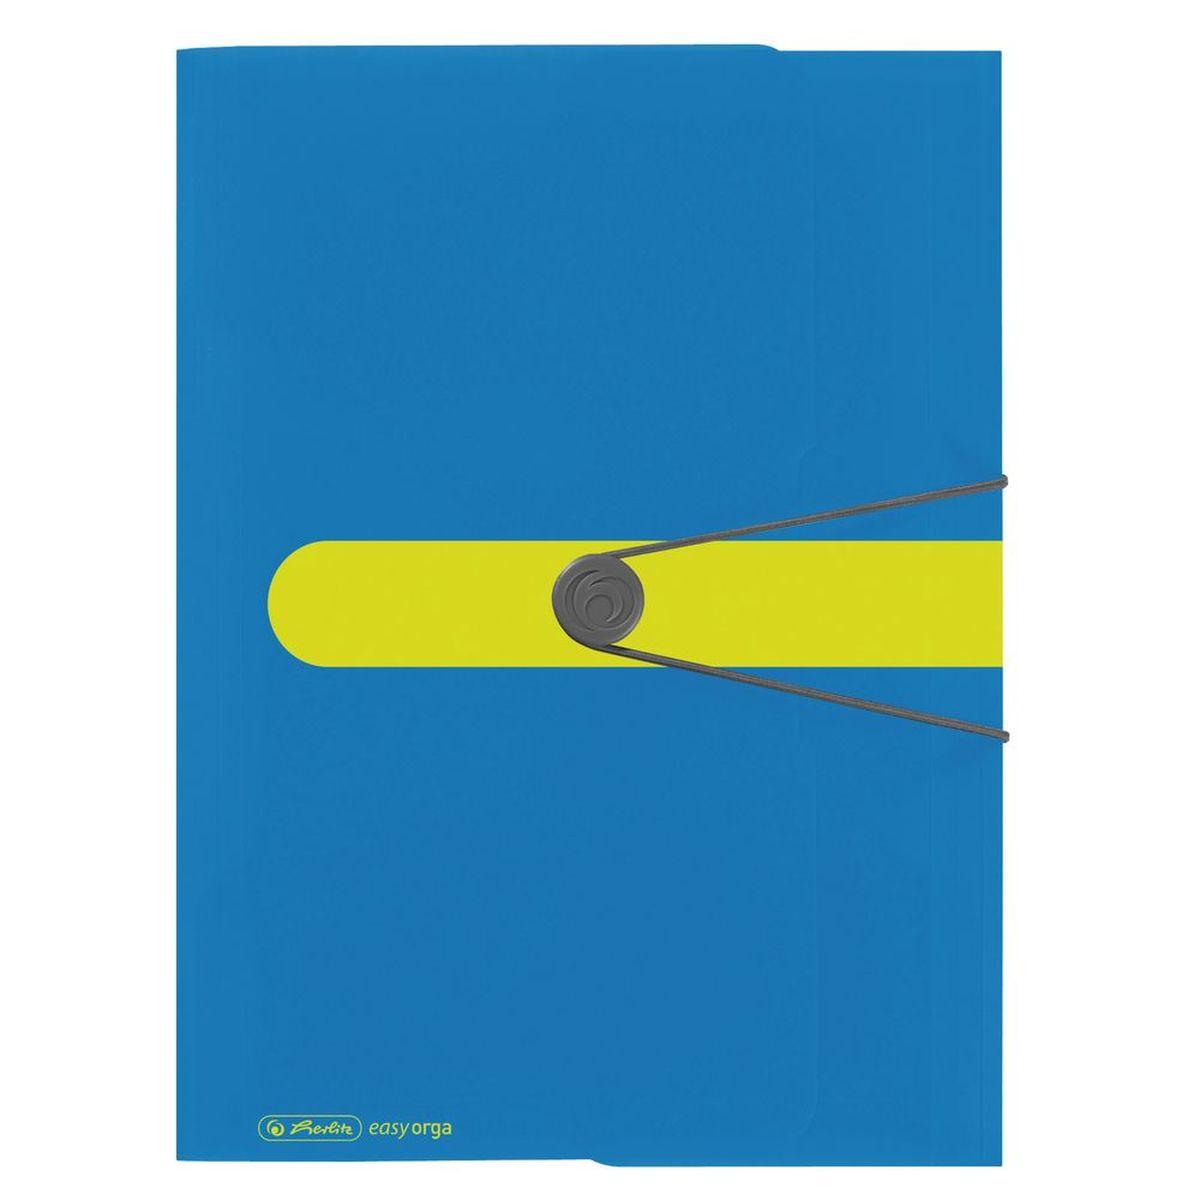 Herlitz Папка Easy Orga цвет синий желтый11365285Папка на резинке Herlitz Easy Orga с тремя клапанами станет вашим верным помощником дома и в офисе. Это удобный и функциональный инструмент, предназначенный для хранения и транспортировки больших объемов рабочих бумаг и документов формата А4. Папка изготовлена из износостойкого высококачественного пластика. Состоит из одного вместительного отделения. Закрывается папка при помощи резинки. Папка - это незаменимый атрибут для любого студента, школьника или офисного работника. Такая папка надежно сохранит ваши бумаги и сбережет их от повреждений, пыли и влаги.